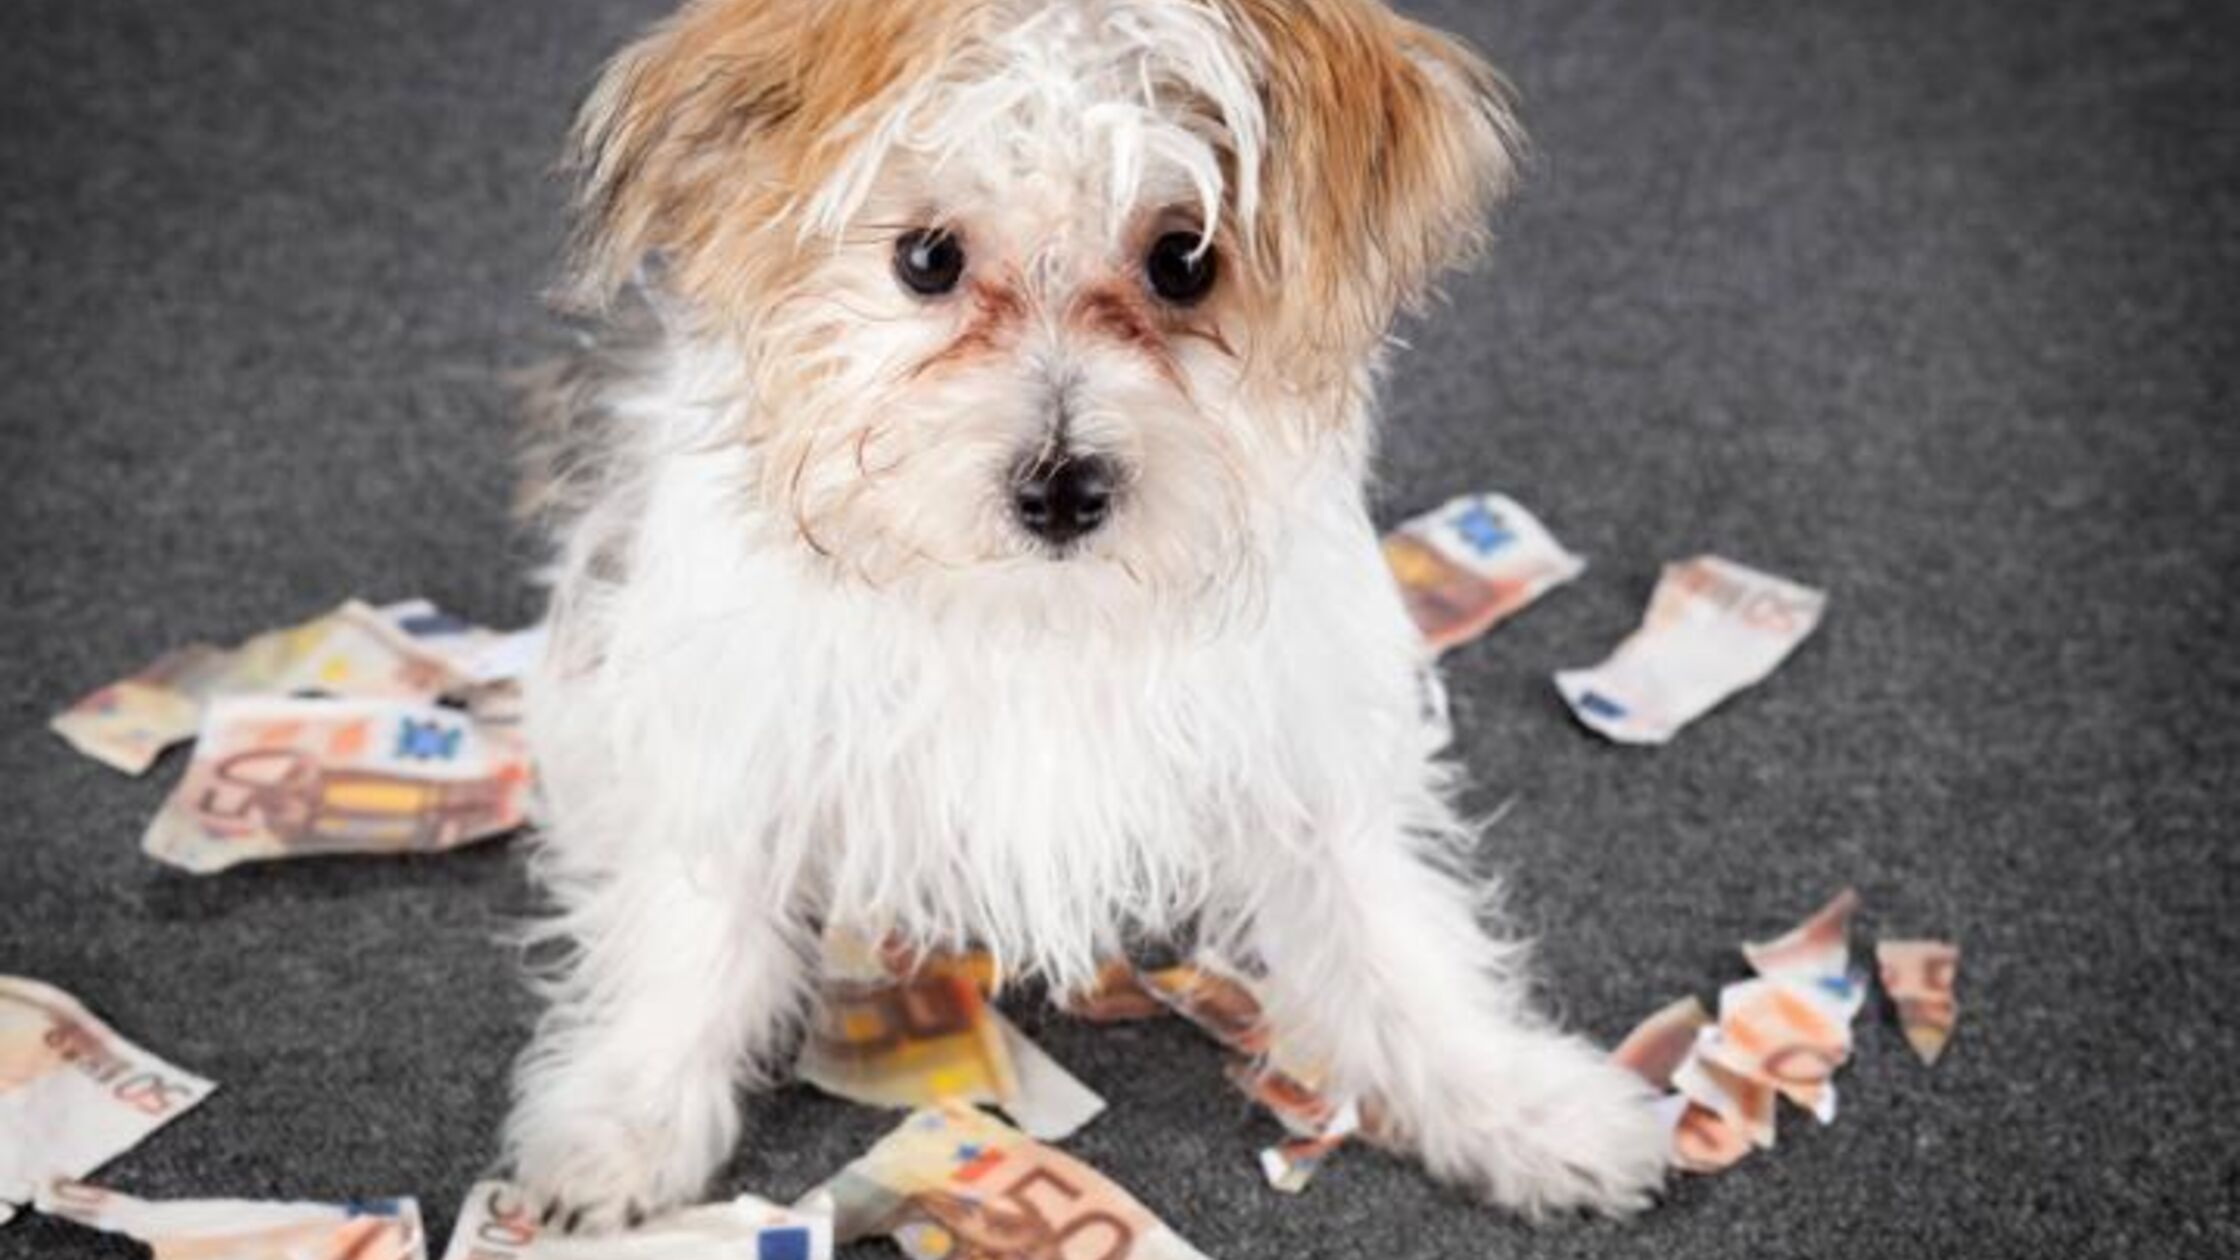 Hundewelpe sitzt zwischen zerknüllten und zerrissenen Euroscheinen